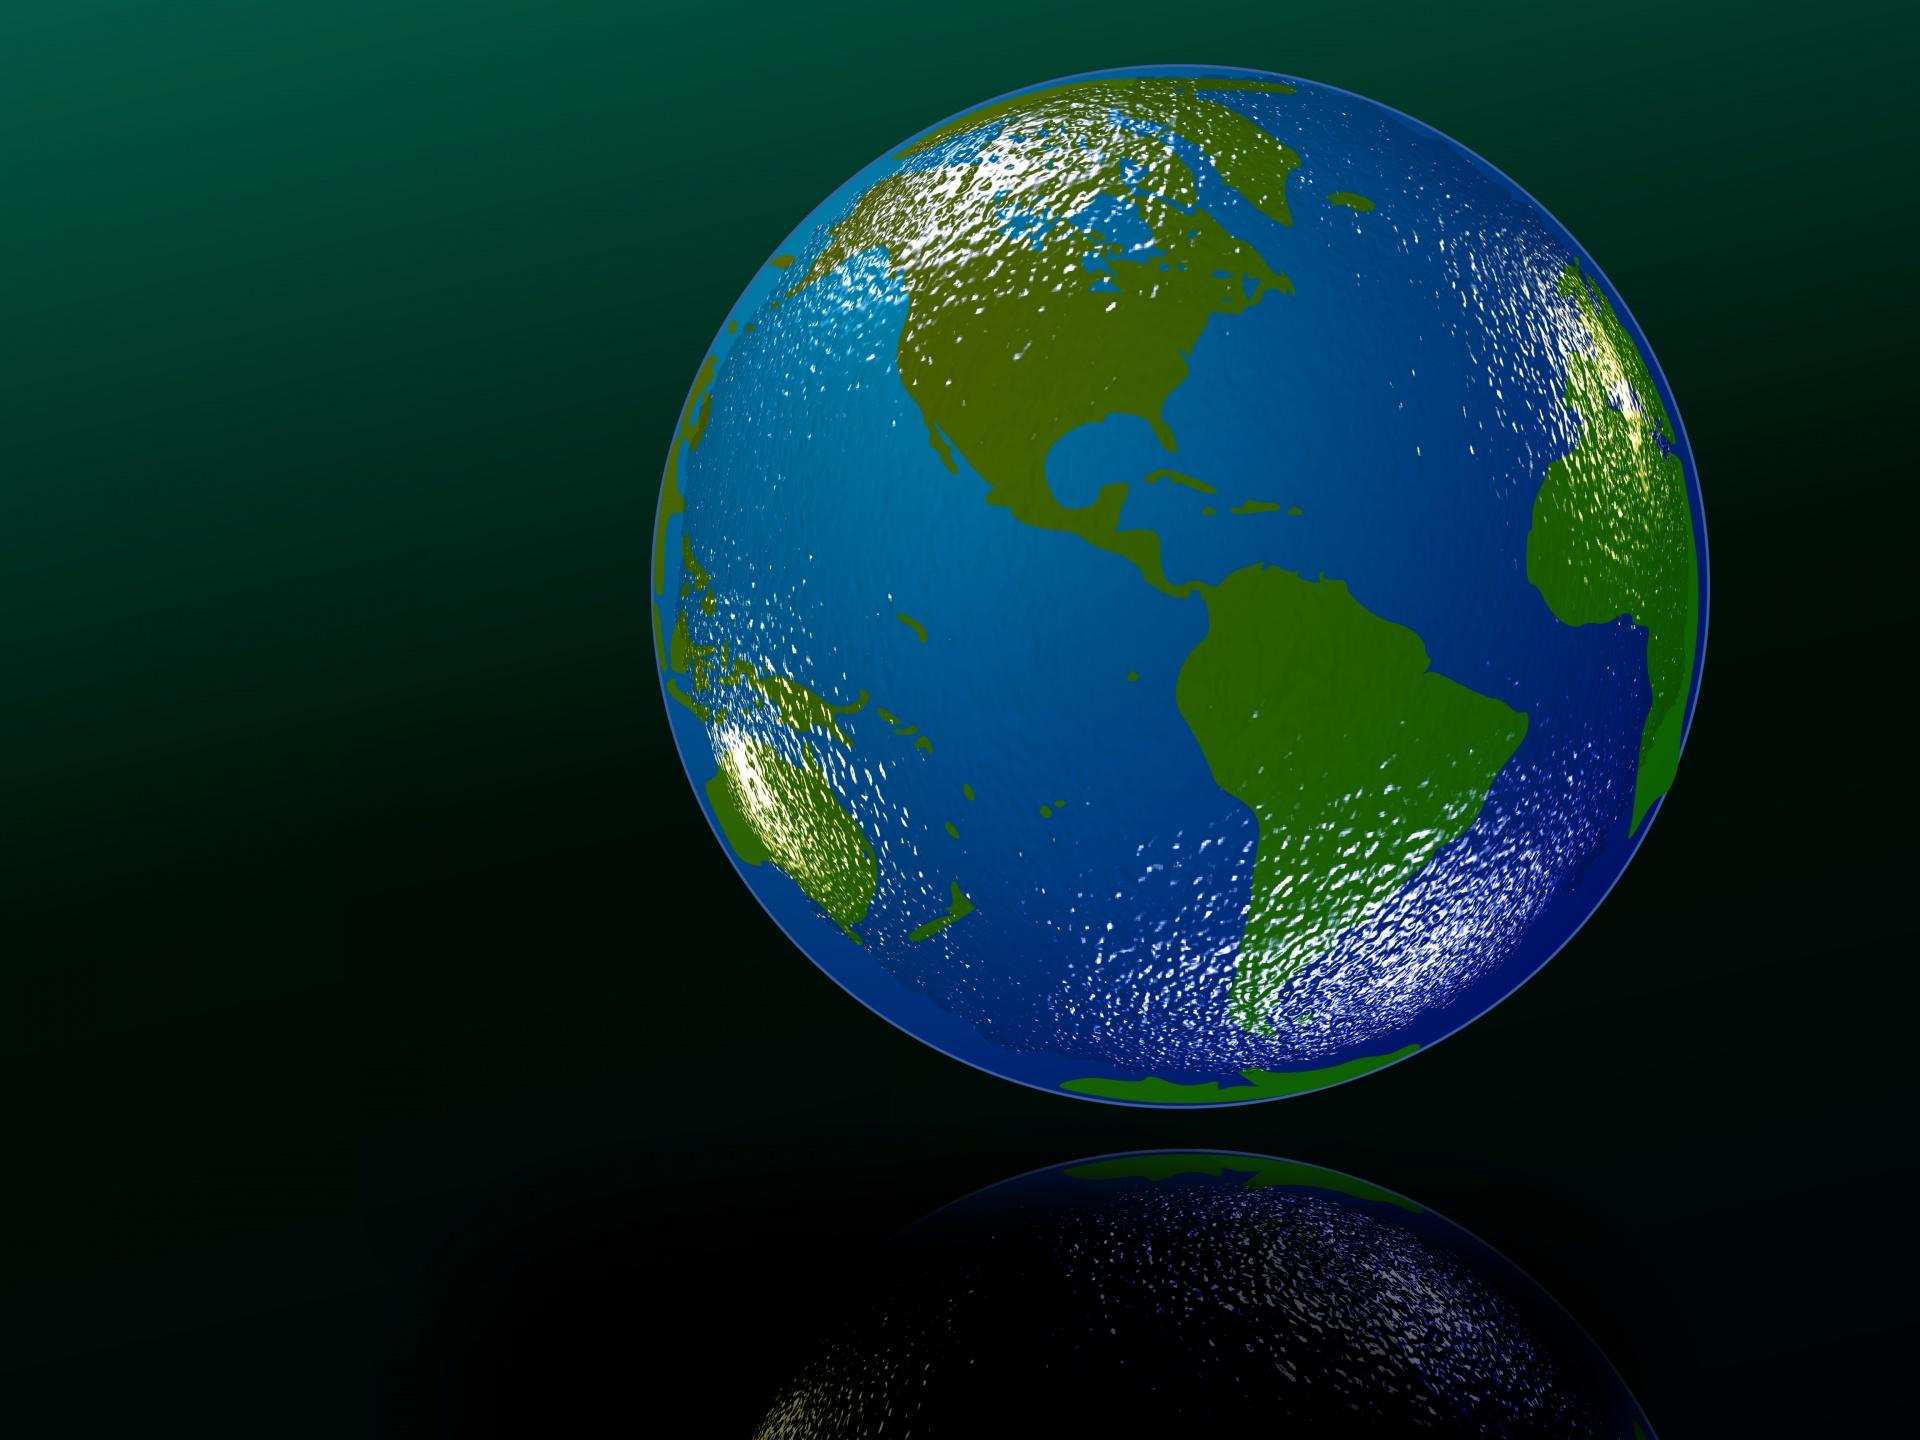 Земной шар фото в хорошем качестве ракурс